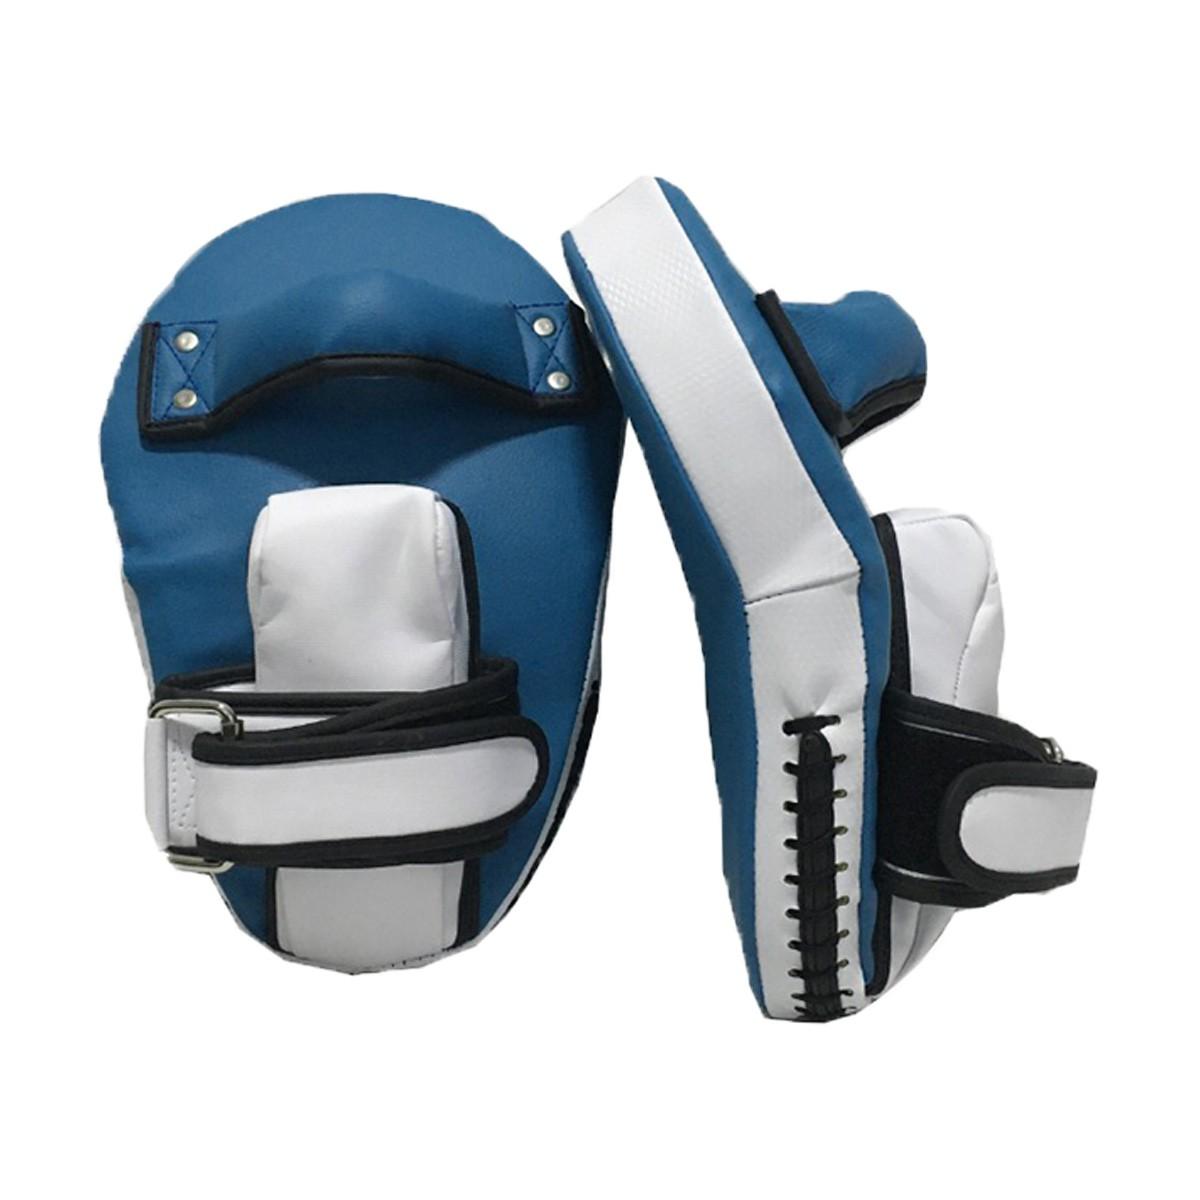 Par de Manopla de Foco Luva Longa com Pegador - Branco com Azul Claro - Pulser  - PRALUTA SHOP